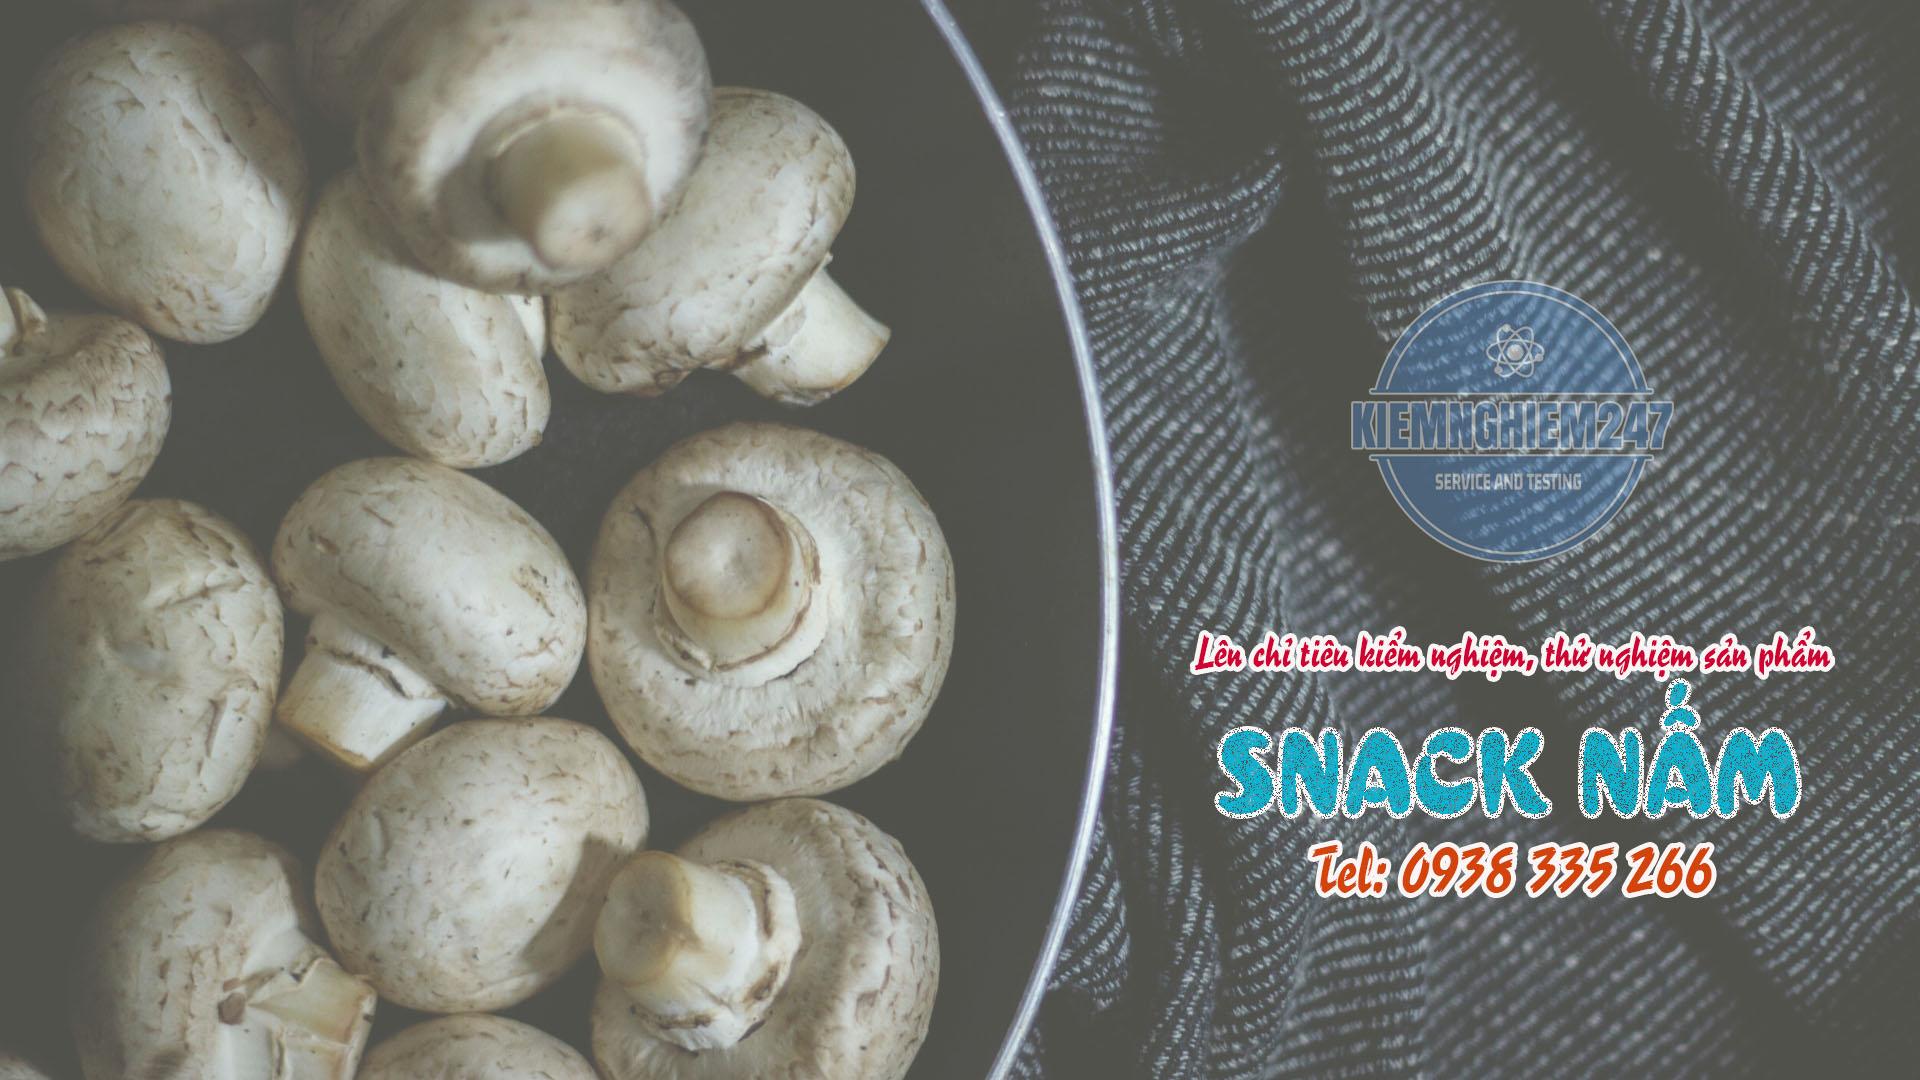 Kết quả kiểm nghiệm snack nấm